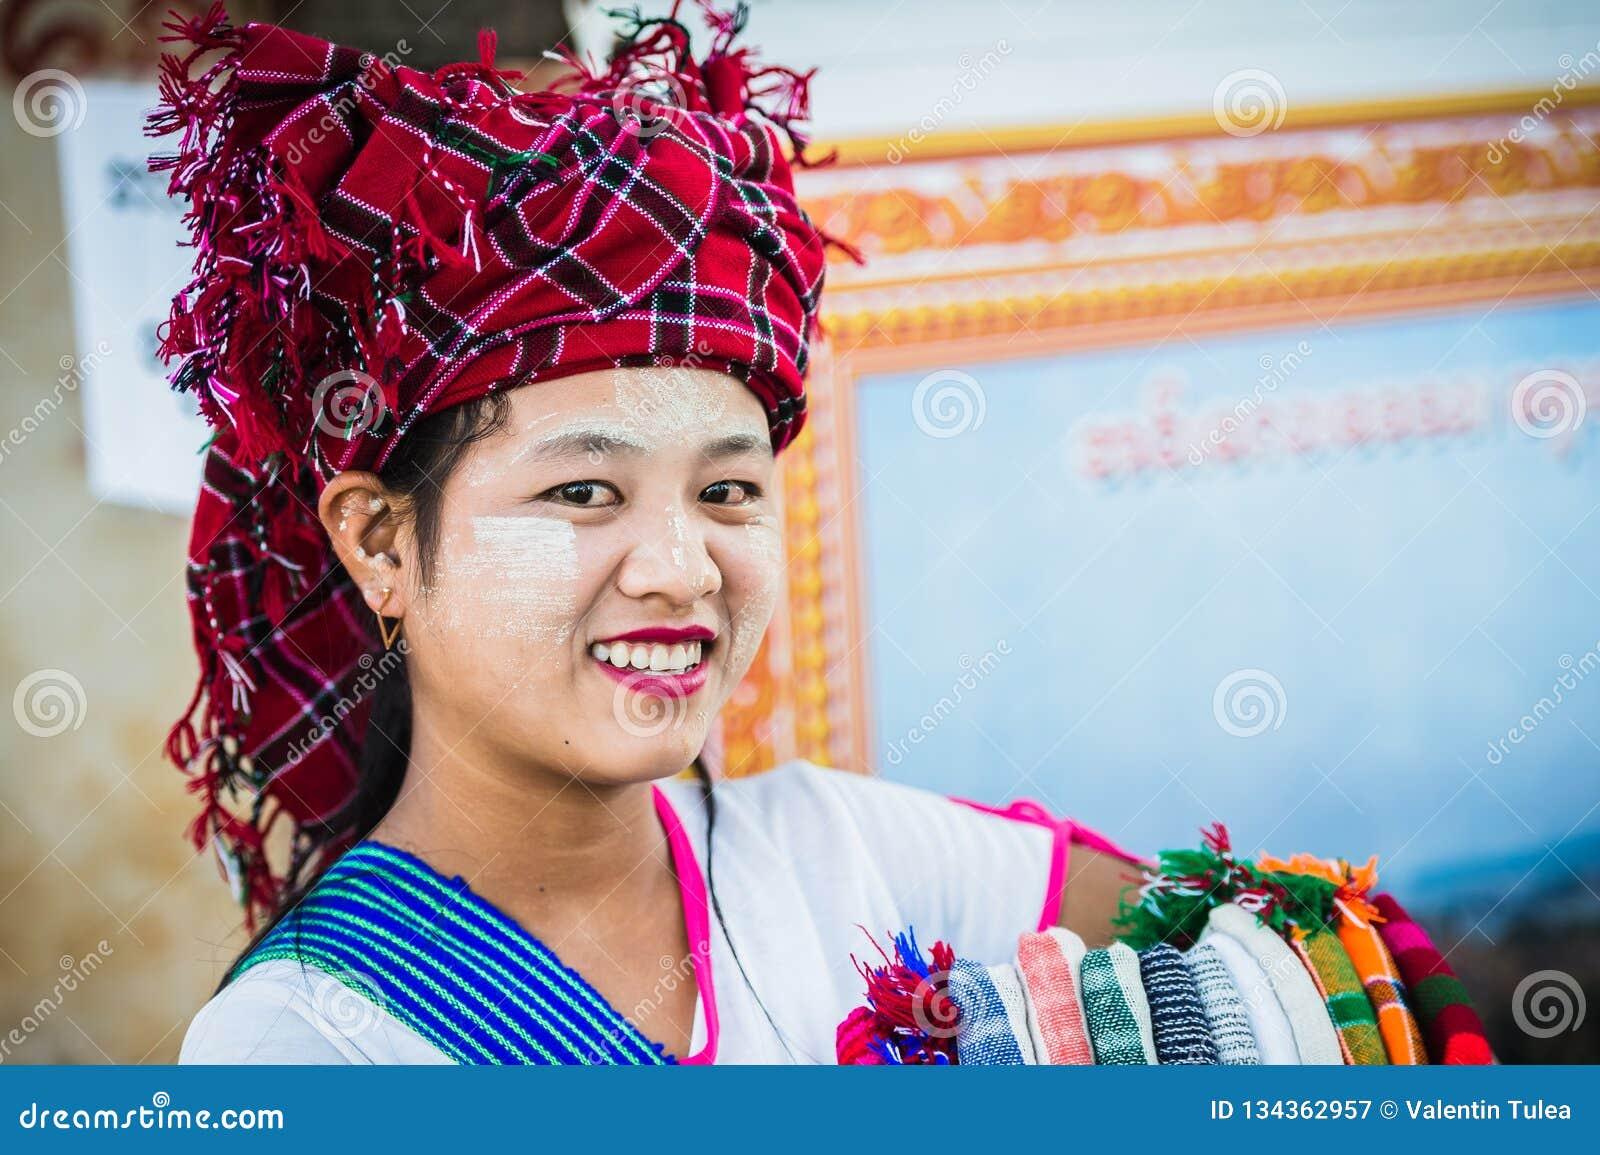 Seller Imagem colorida com uma mulher